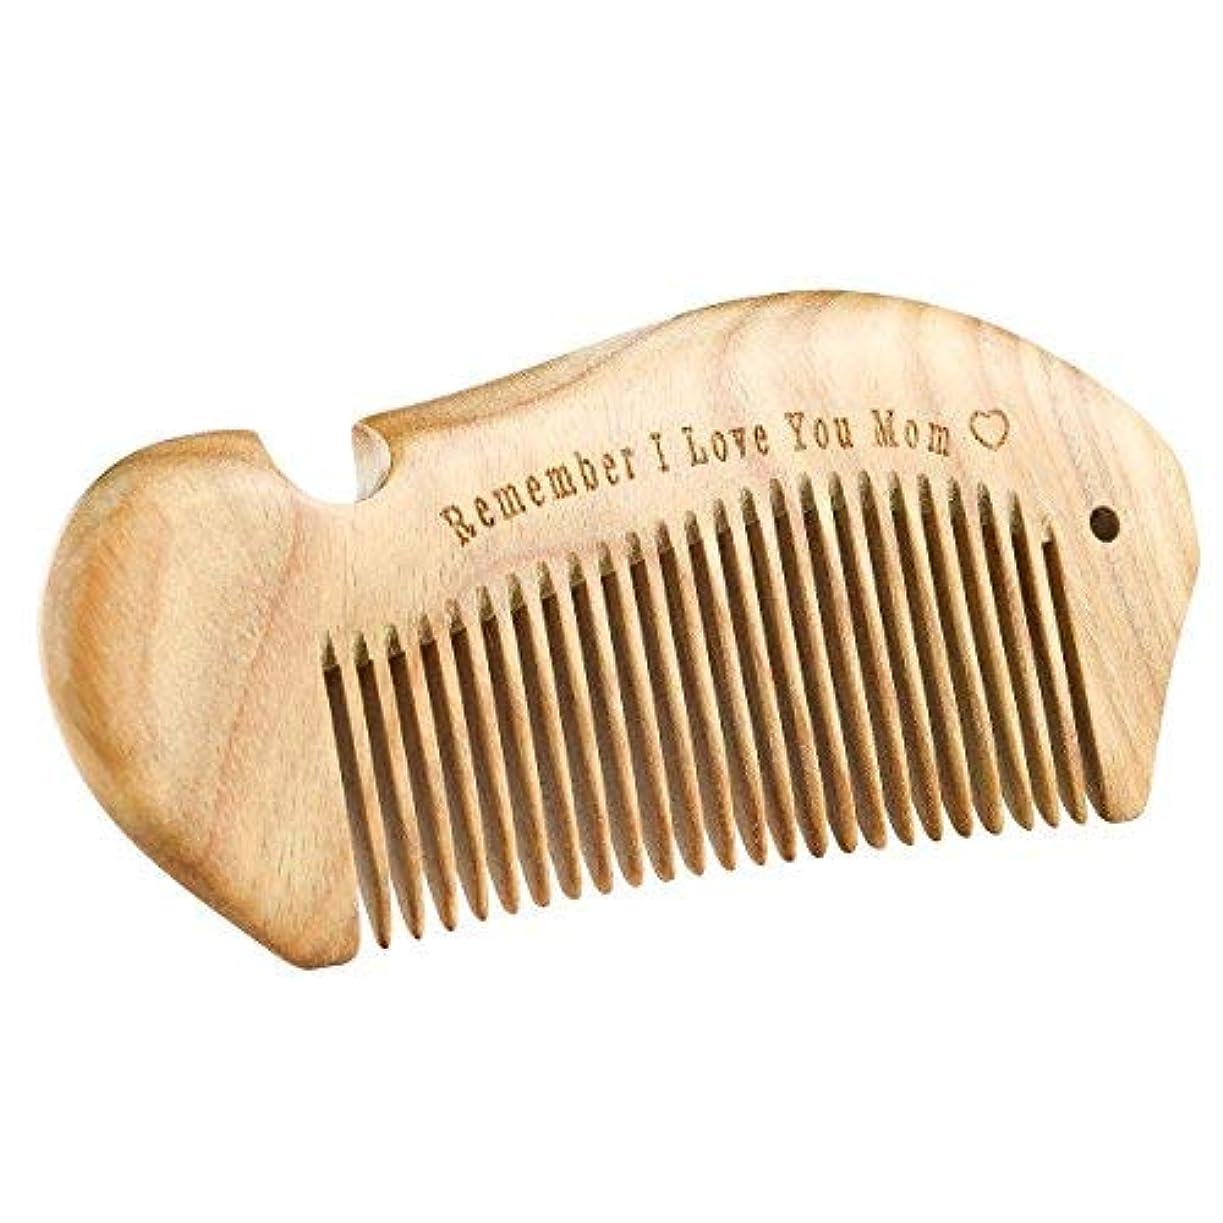 科学的フレア省略するi.VALUX Handmade Sandalwood Hair Comb,No Static Natural Aroma Wood Comb for Curly Hair [並行輸入品]